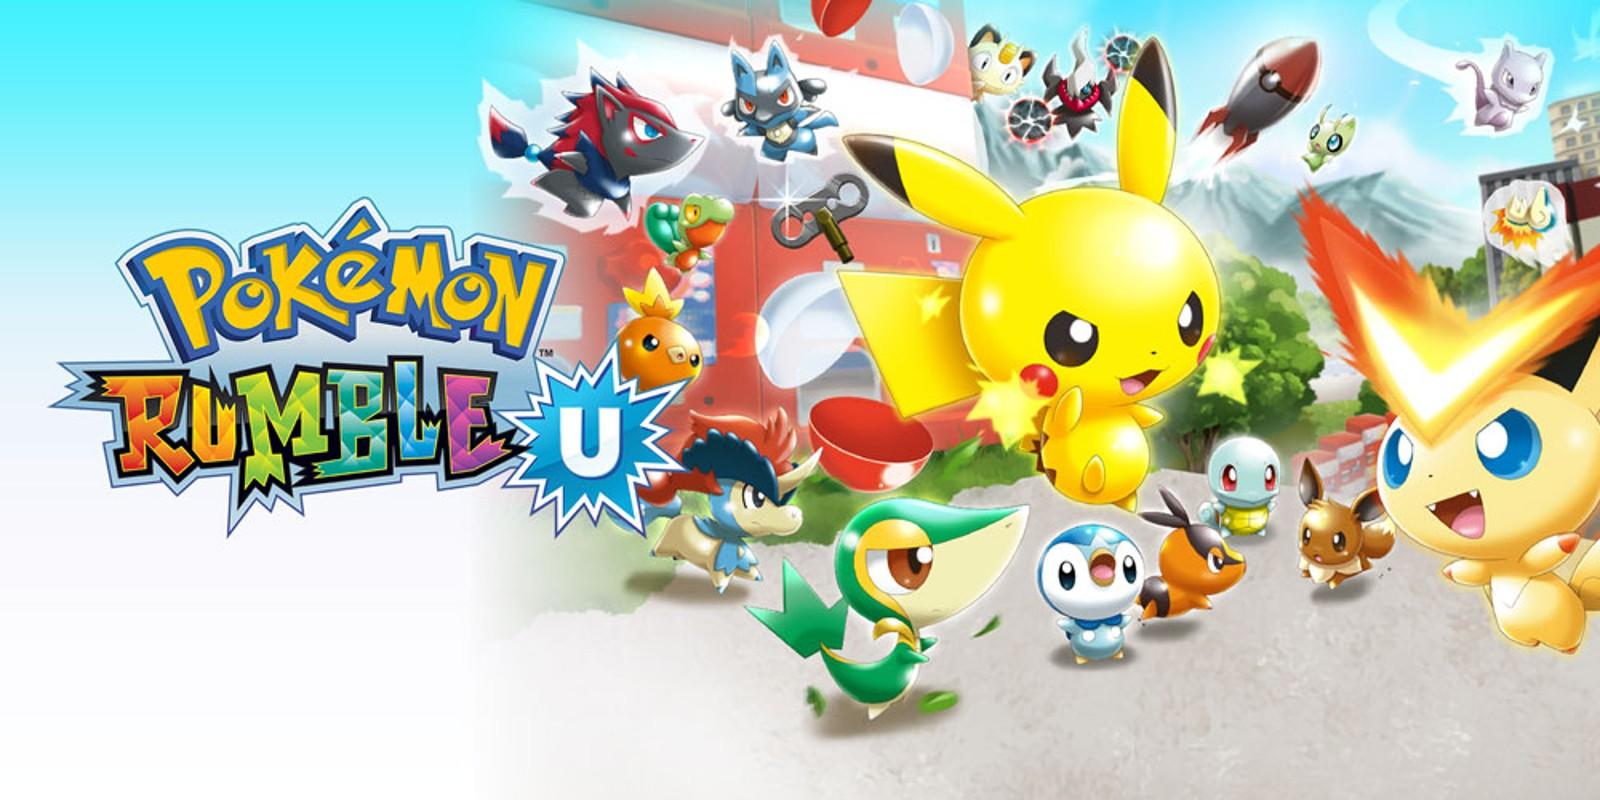 Pokemon Rumble U Programas Descargables Wii U Juegos Nintendo